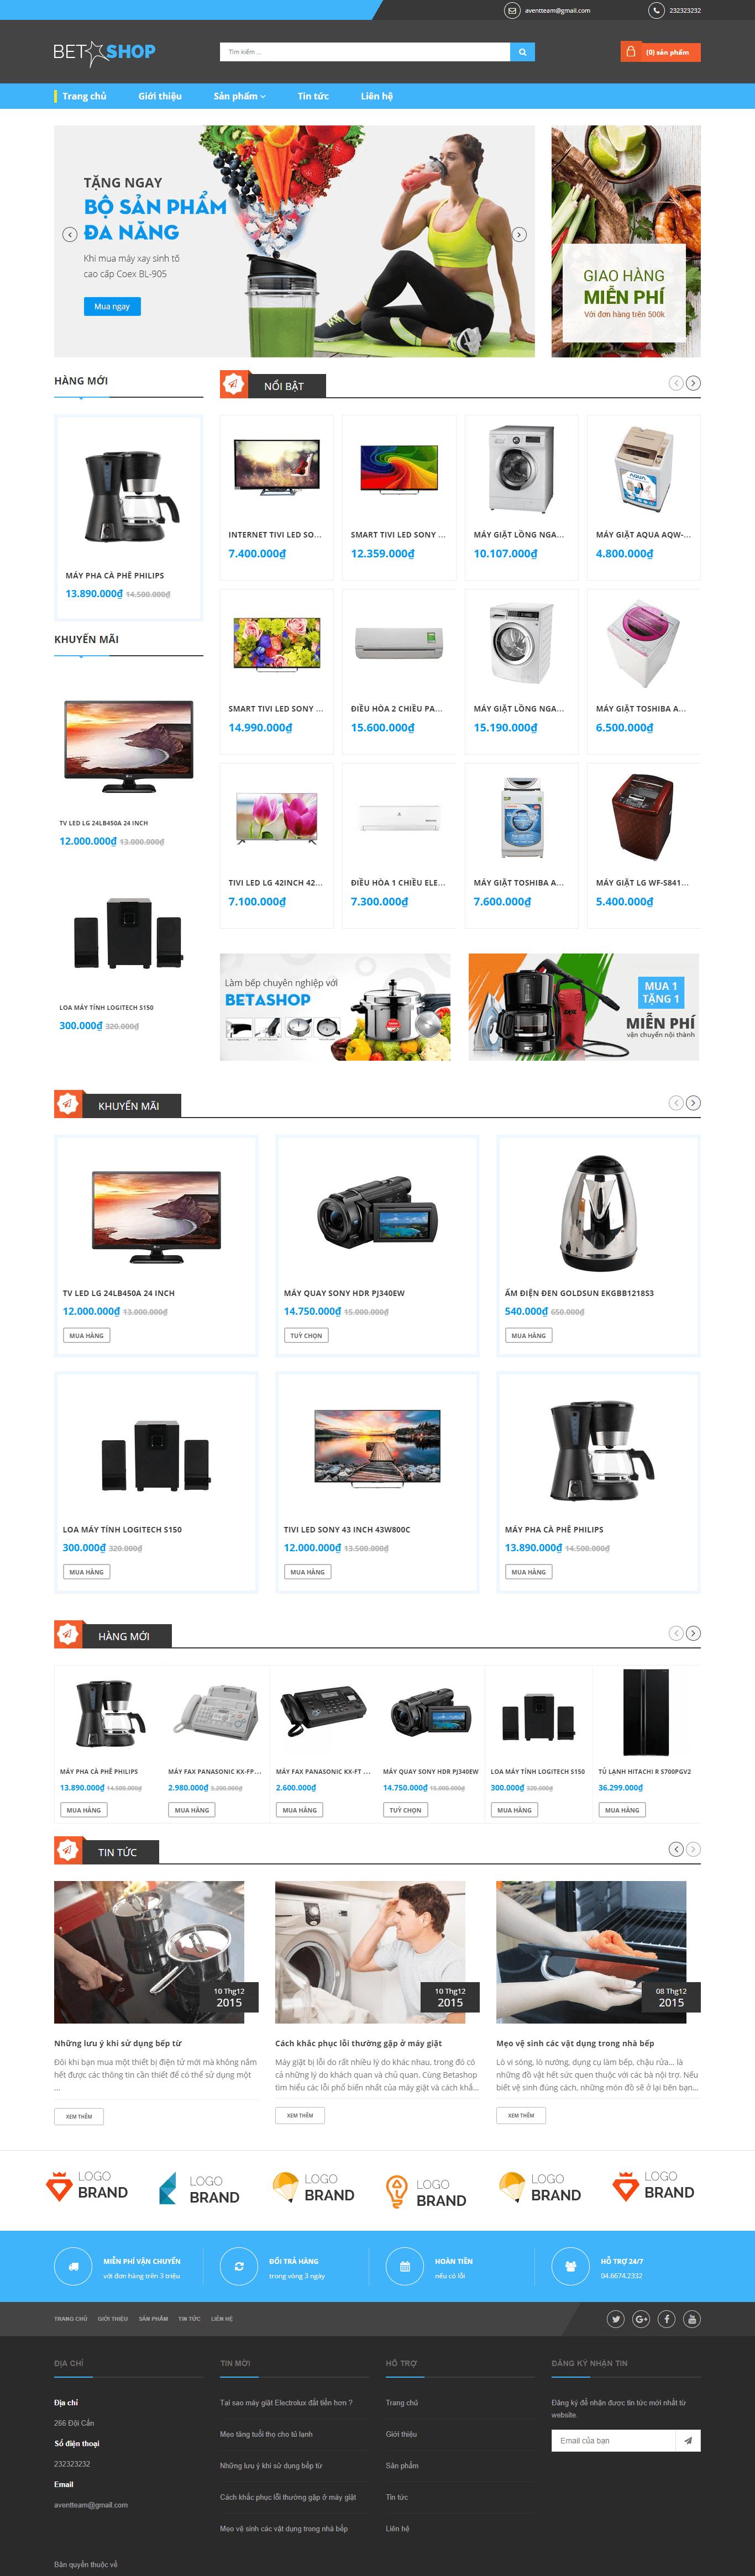 Web bán hàng 306216695